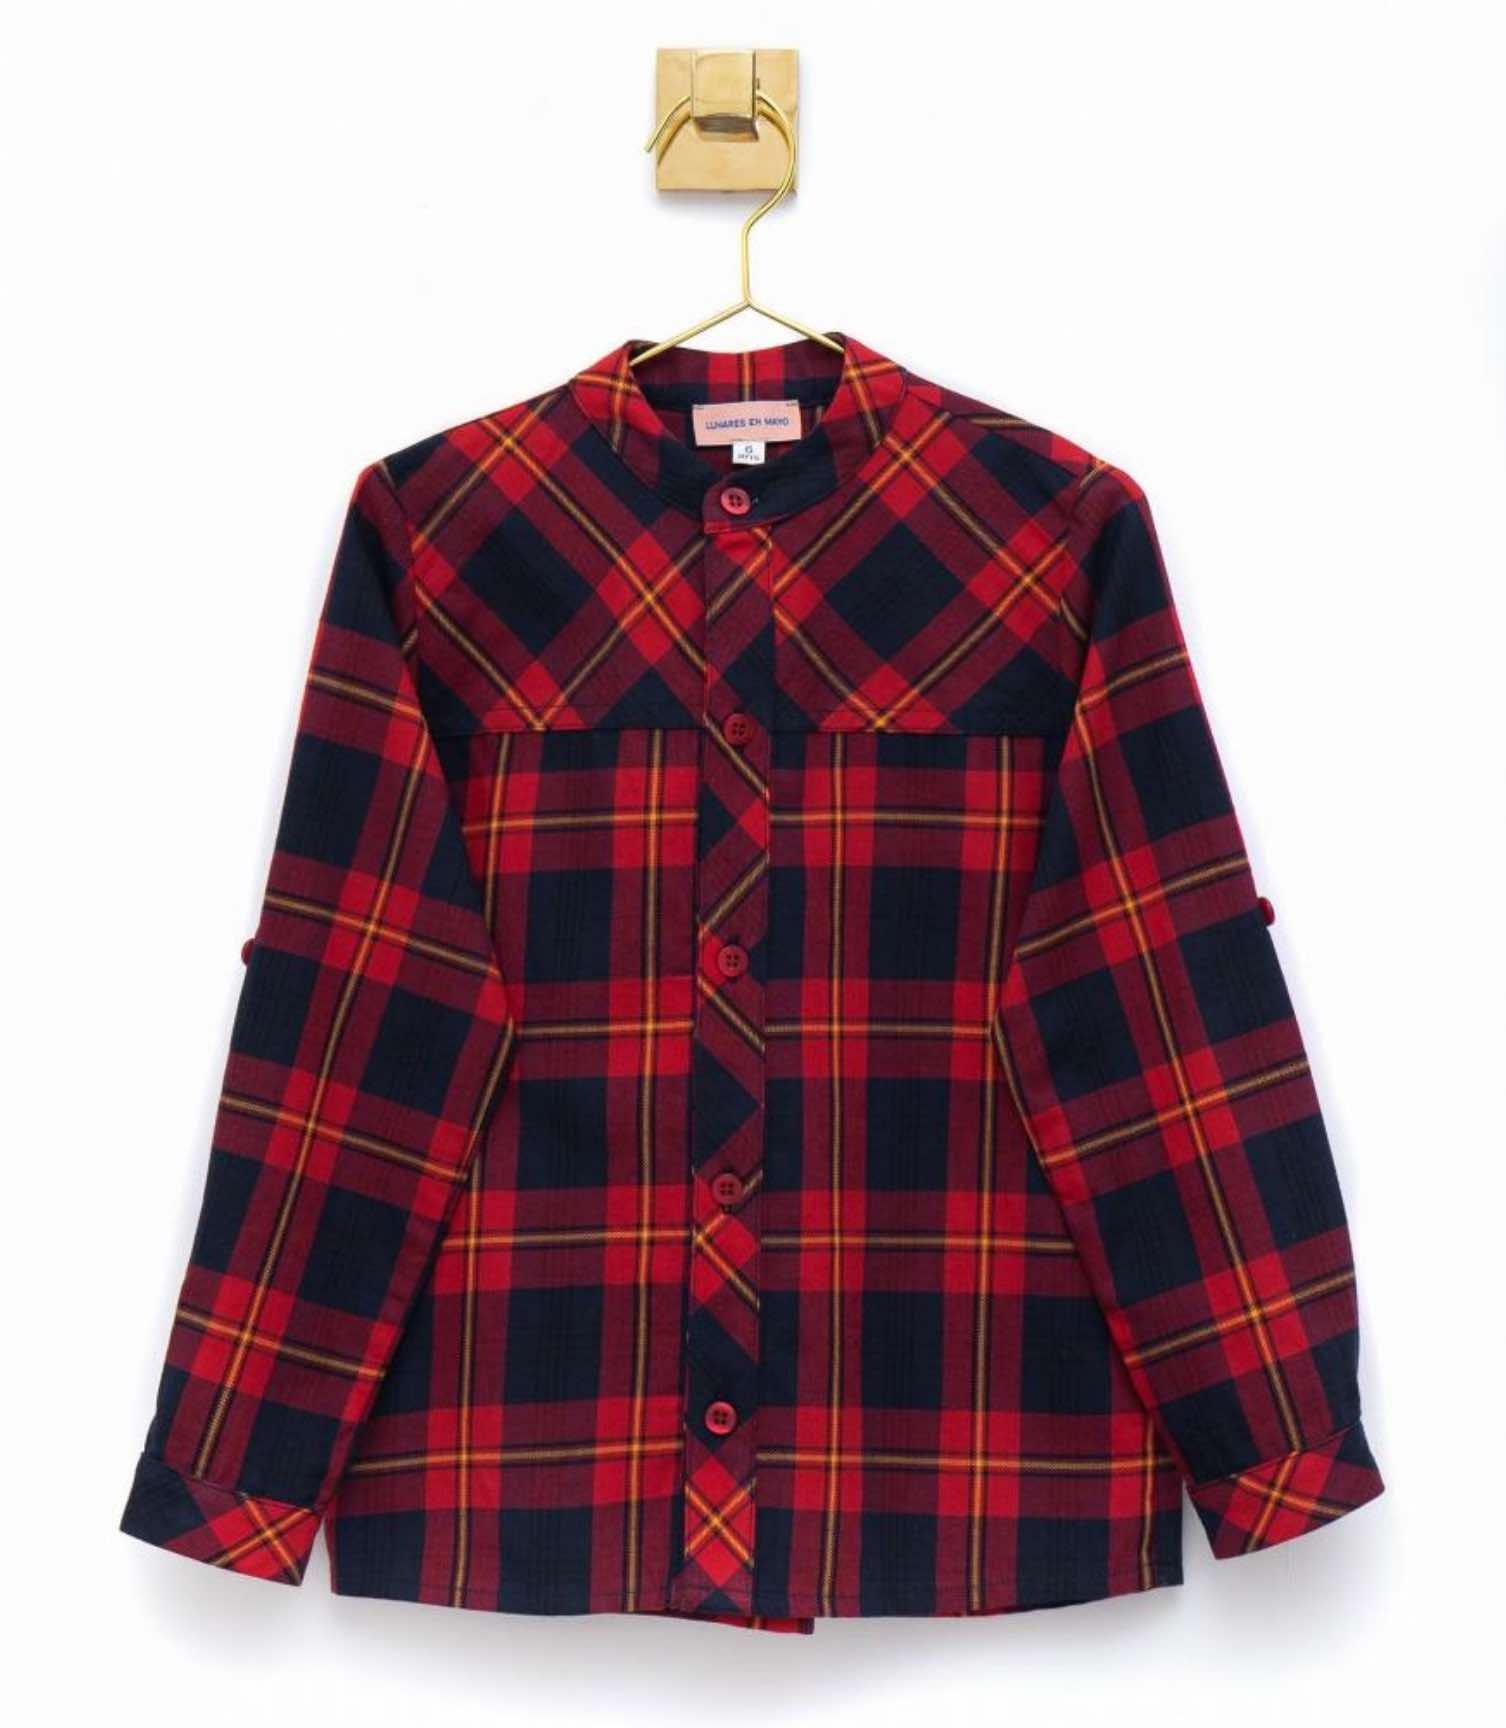 Camisa para niño mao tartán cuadro rojo de Lunares en Mayo